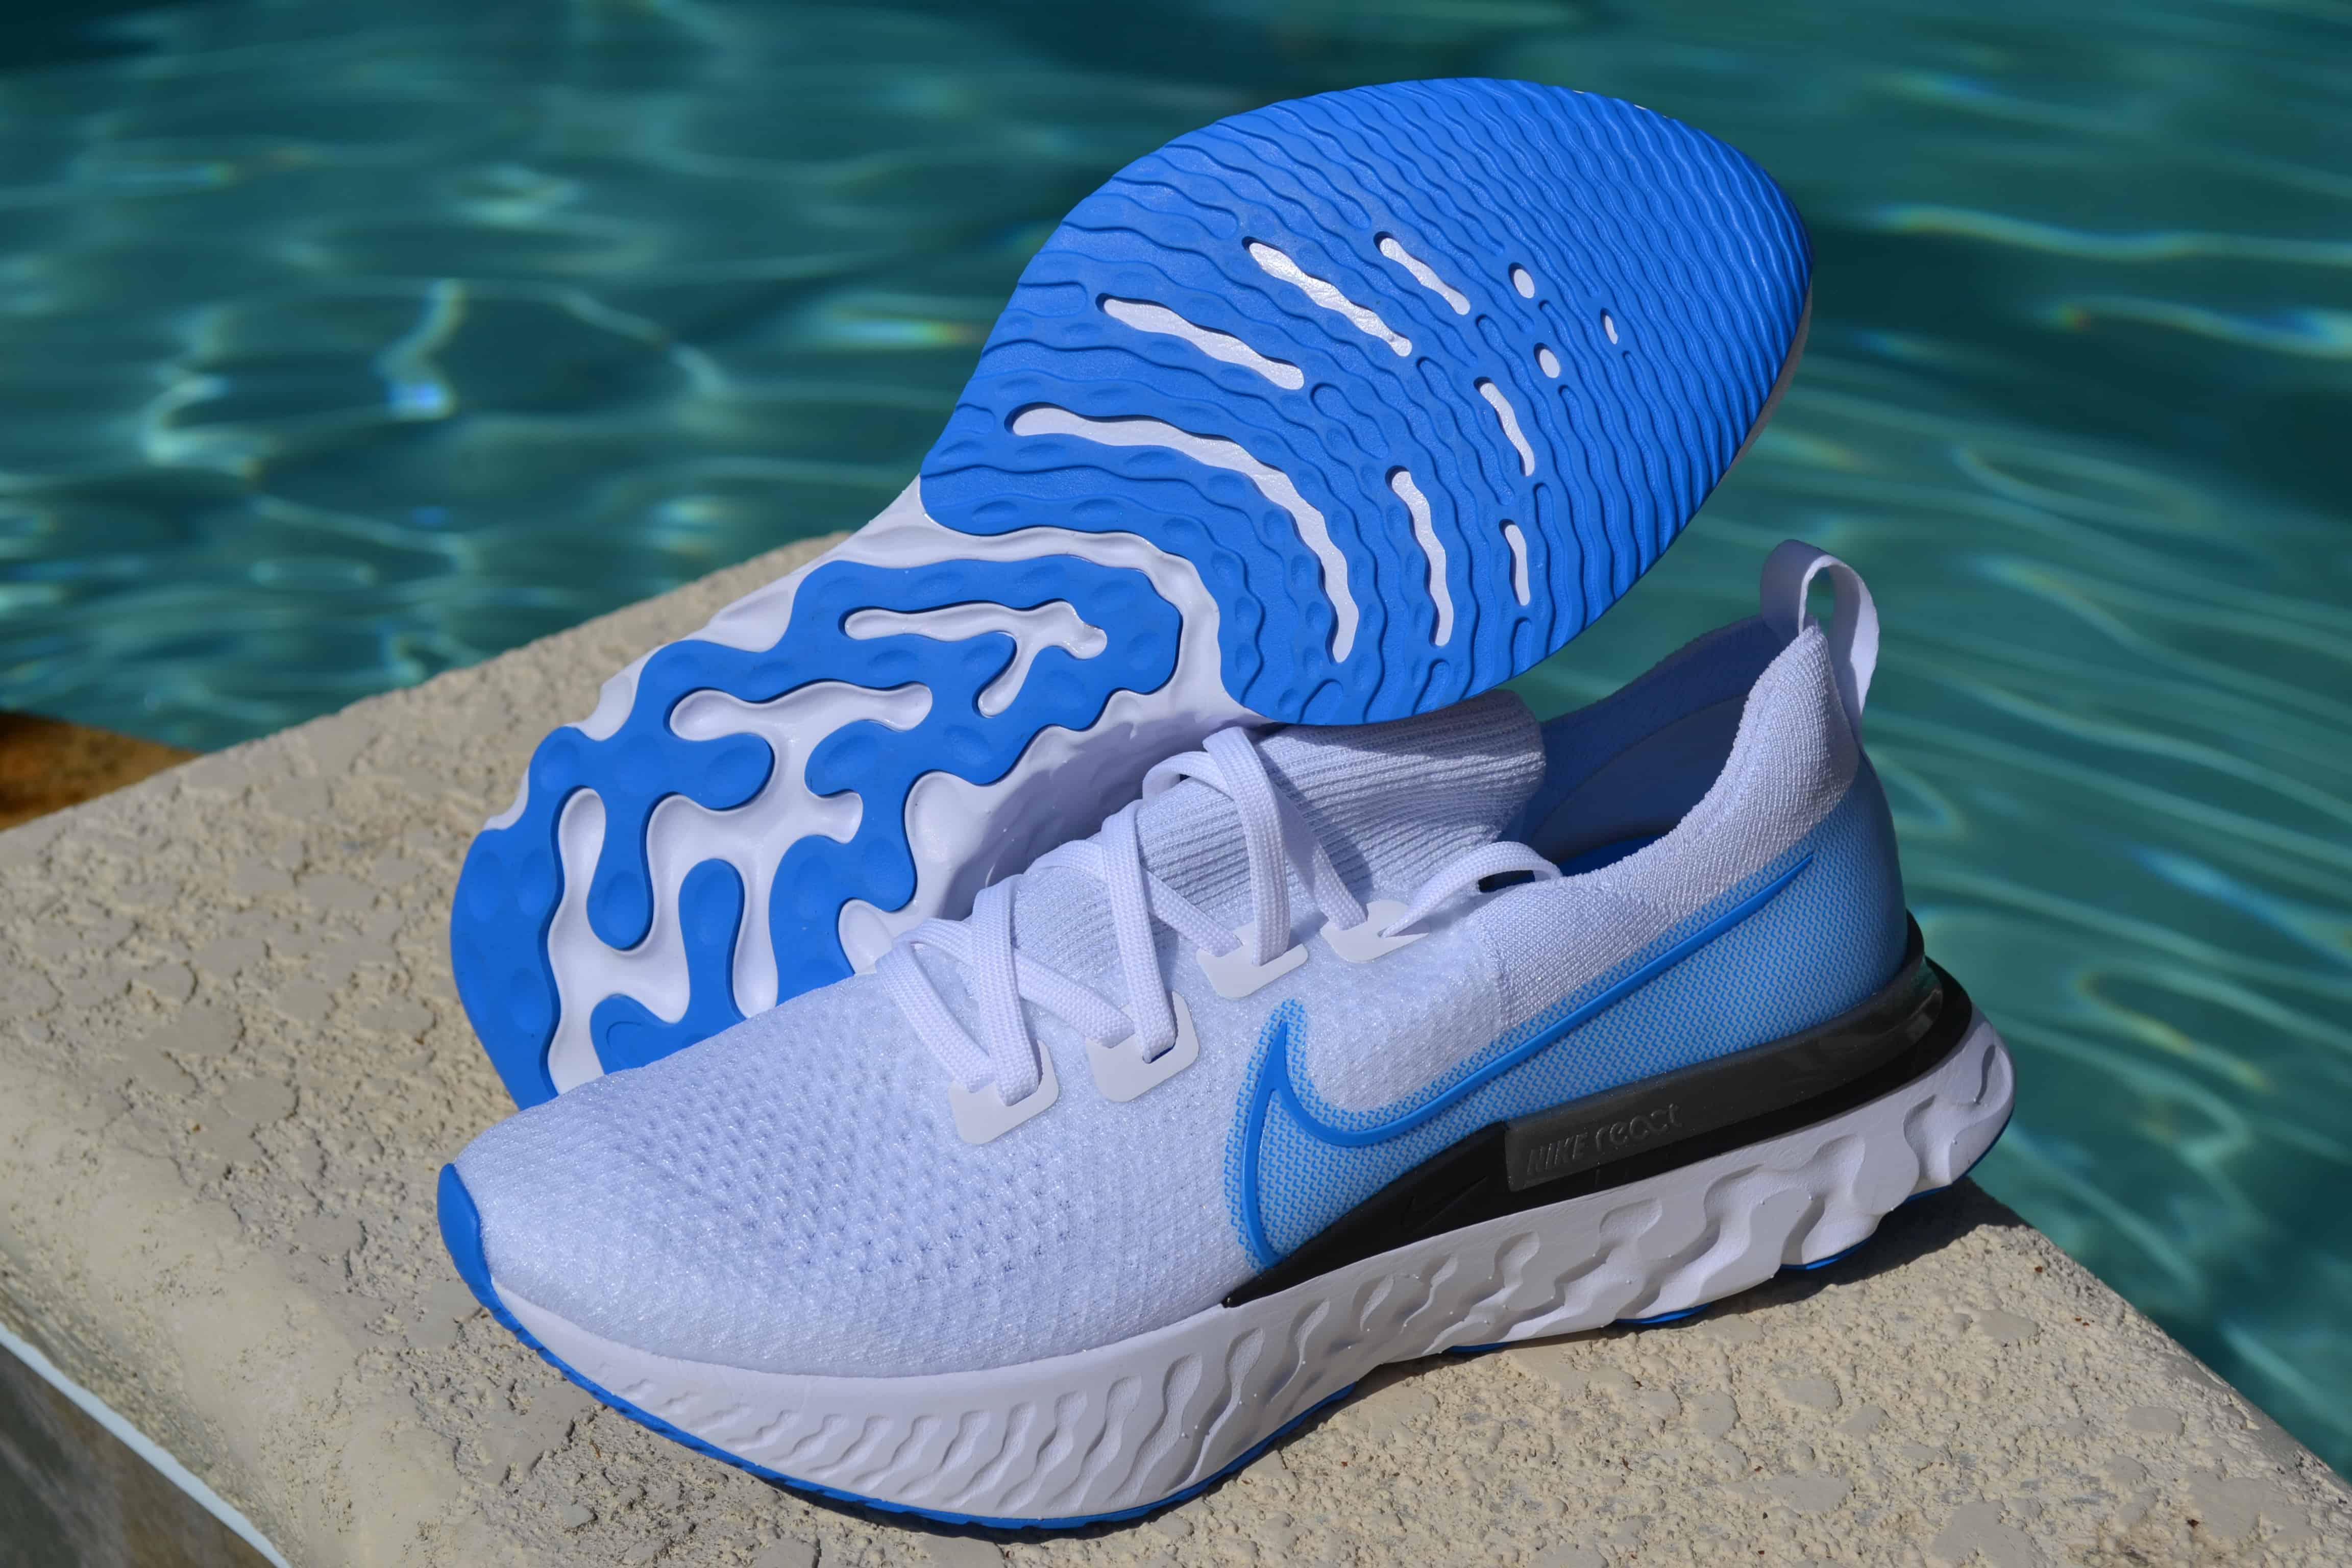 Nike React Infinity Run Flyknit - New Running Shoe Review - Cross ...